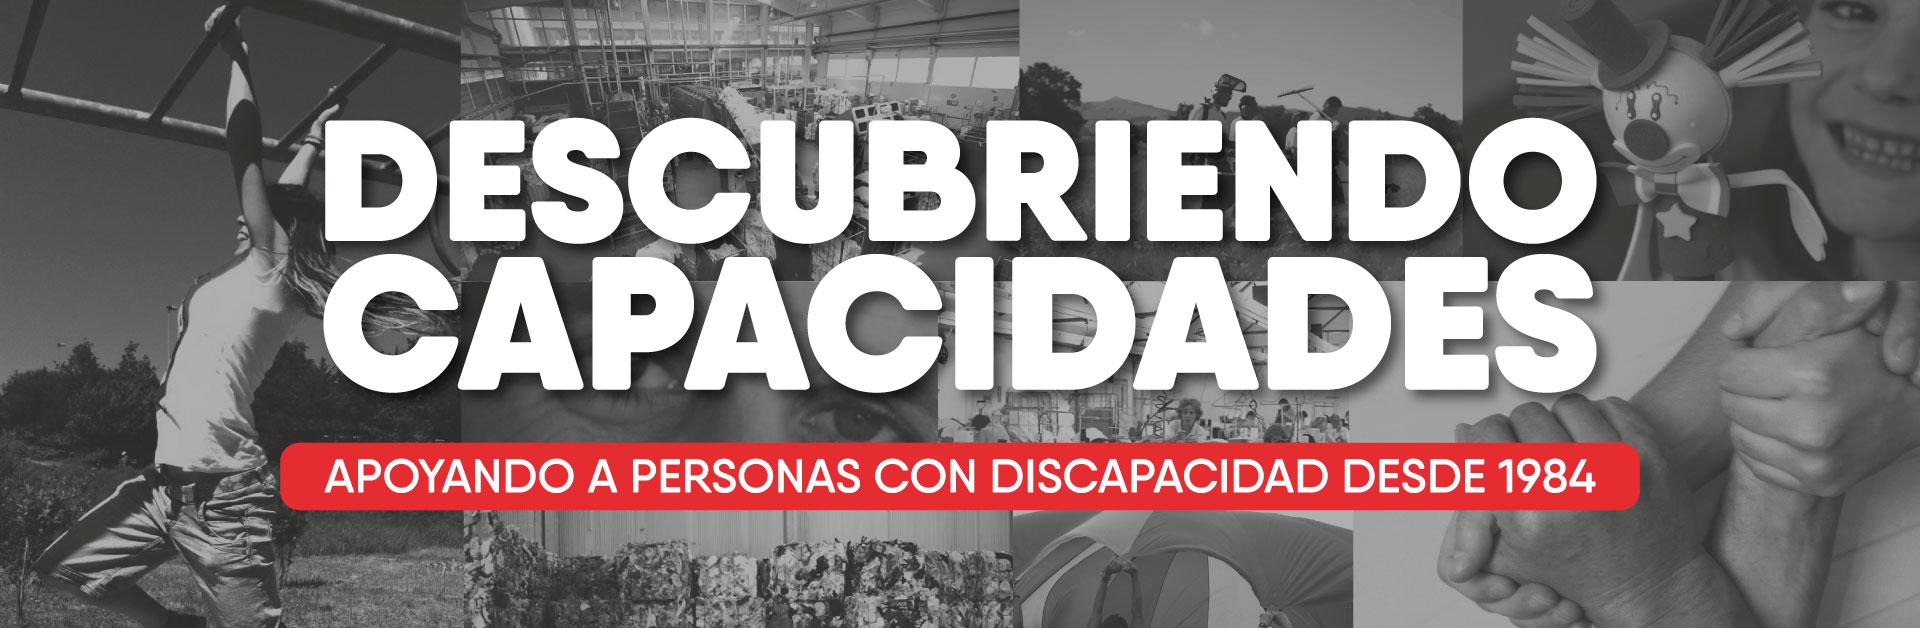 APOYANDO A PERSONAS CON DISCAPACIDAD DESDE 1984